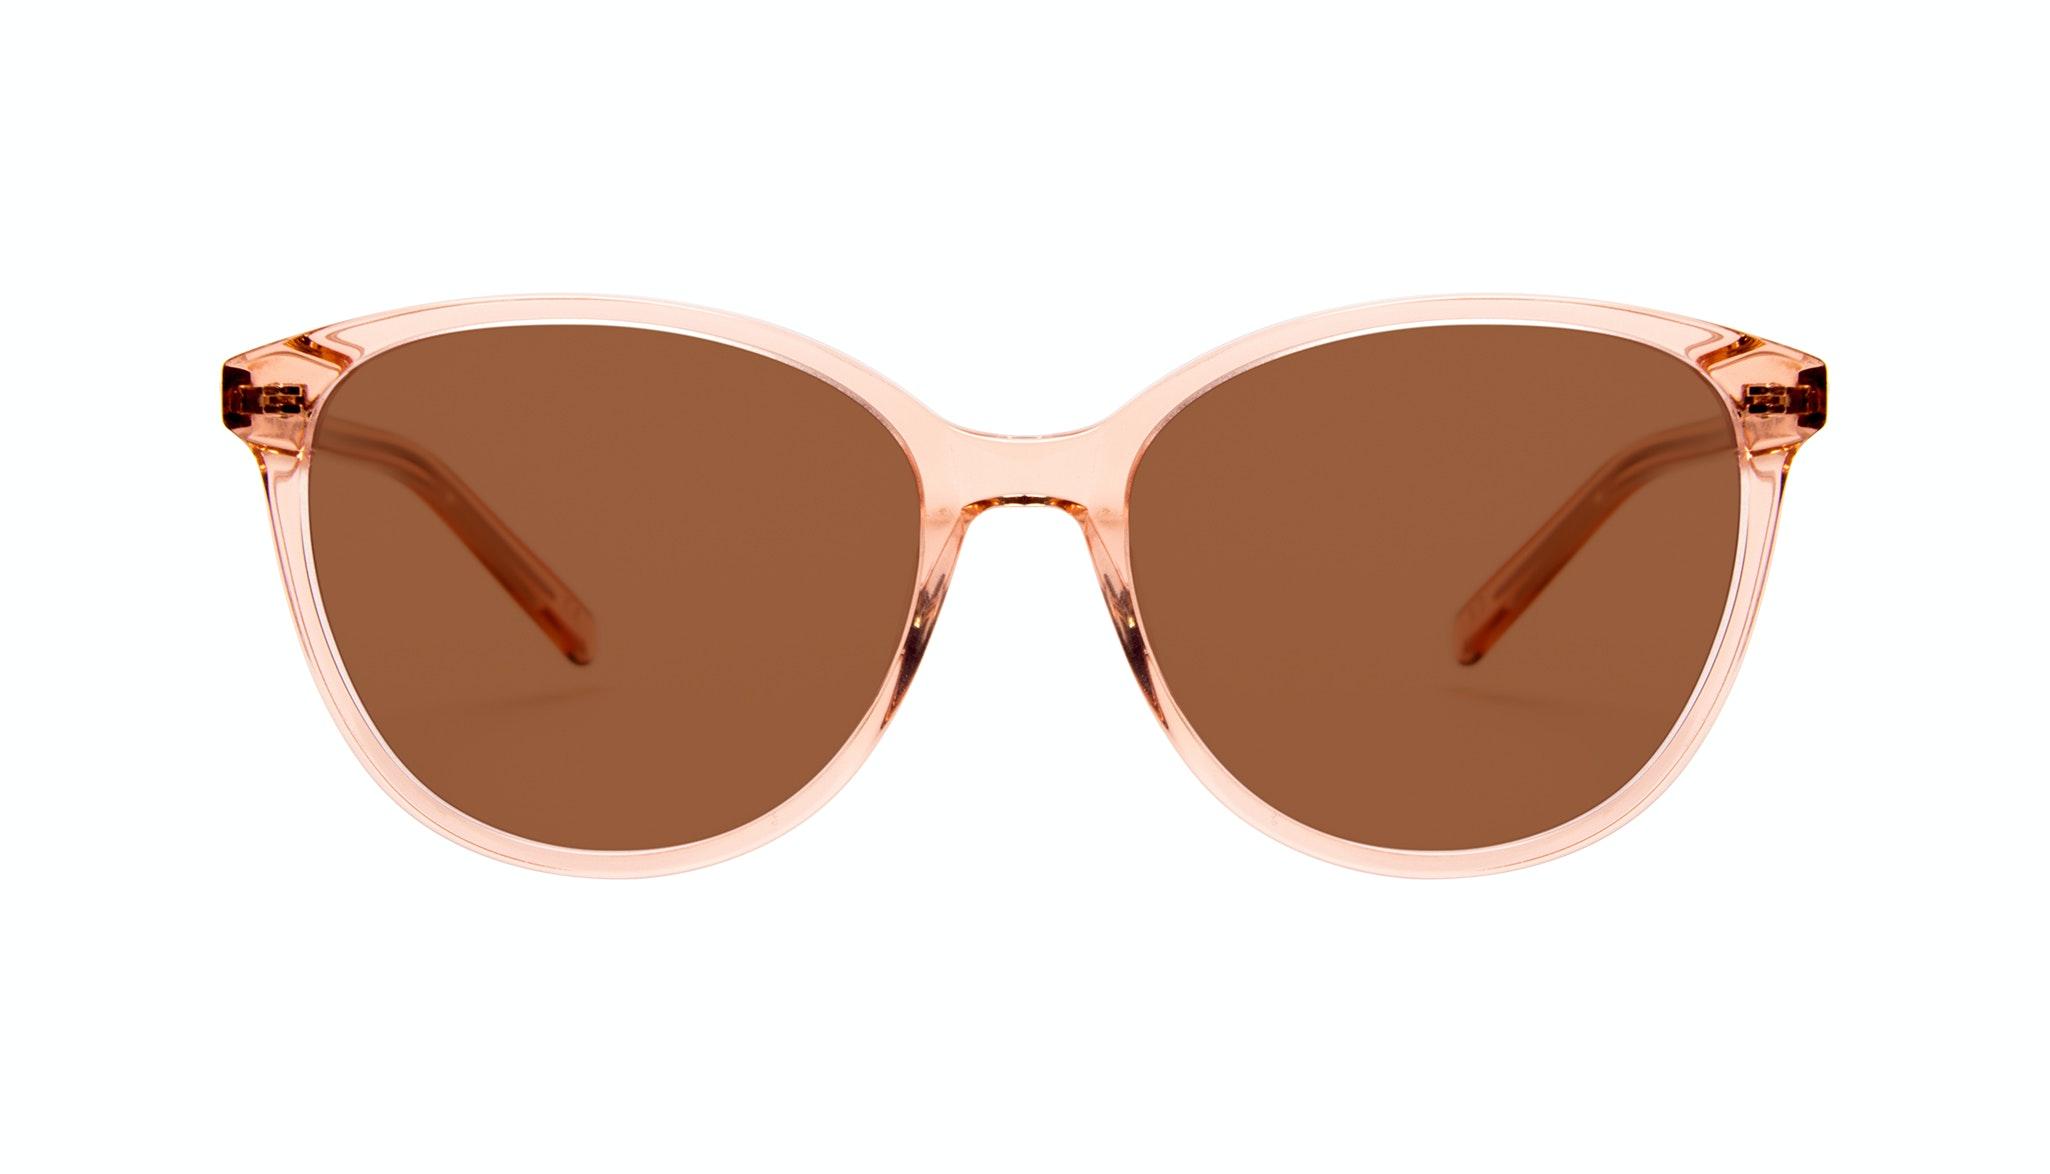 Lunettes tendance Oeil de chat Ronde Lunettes solaires Femmes Imagine Peach